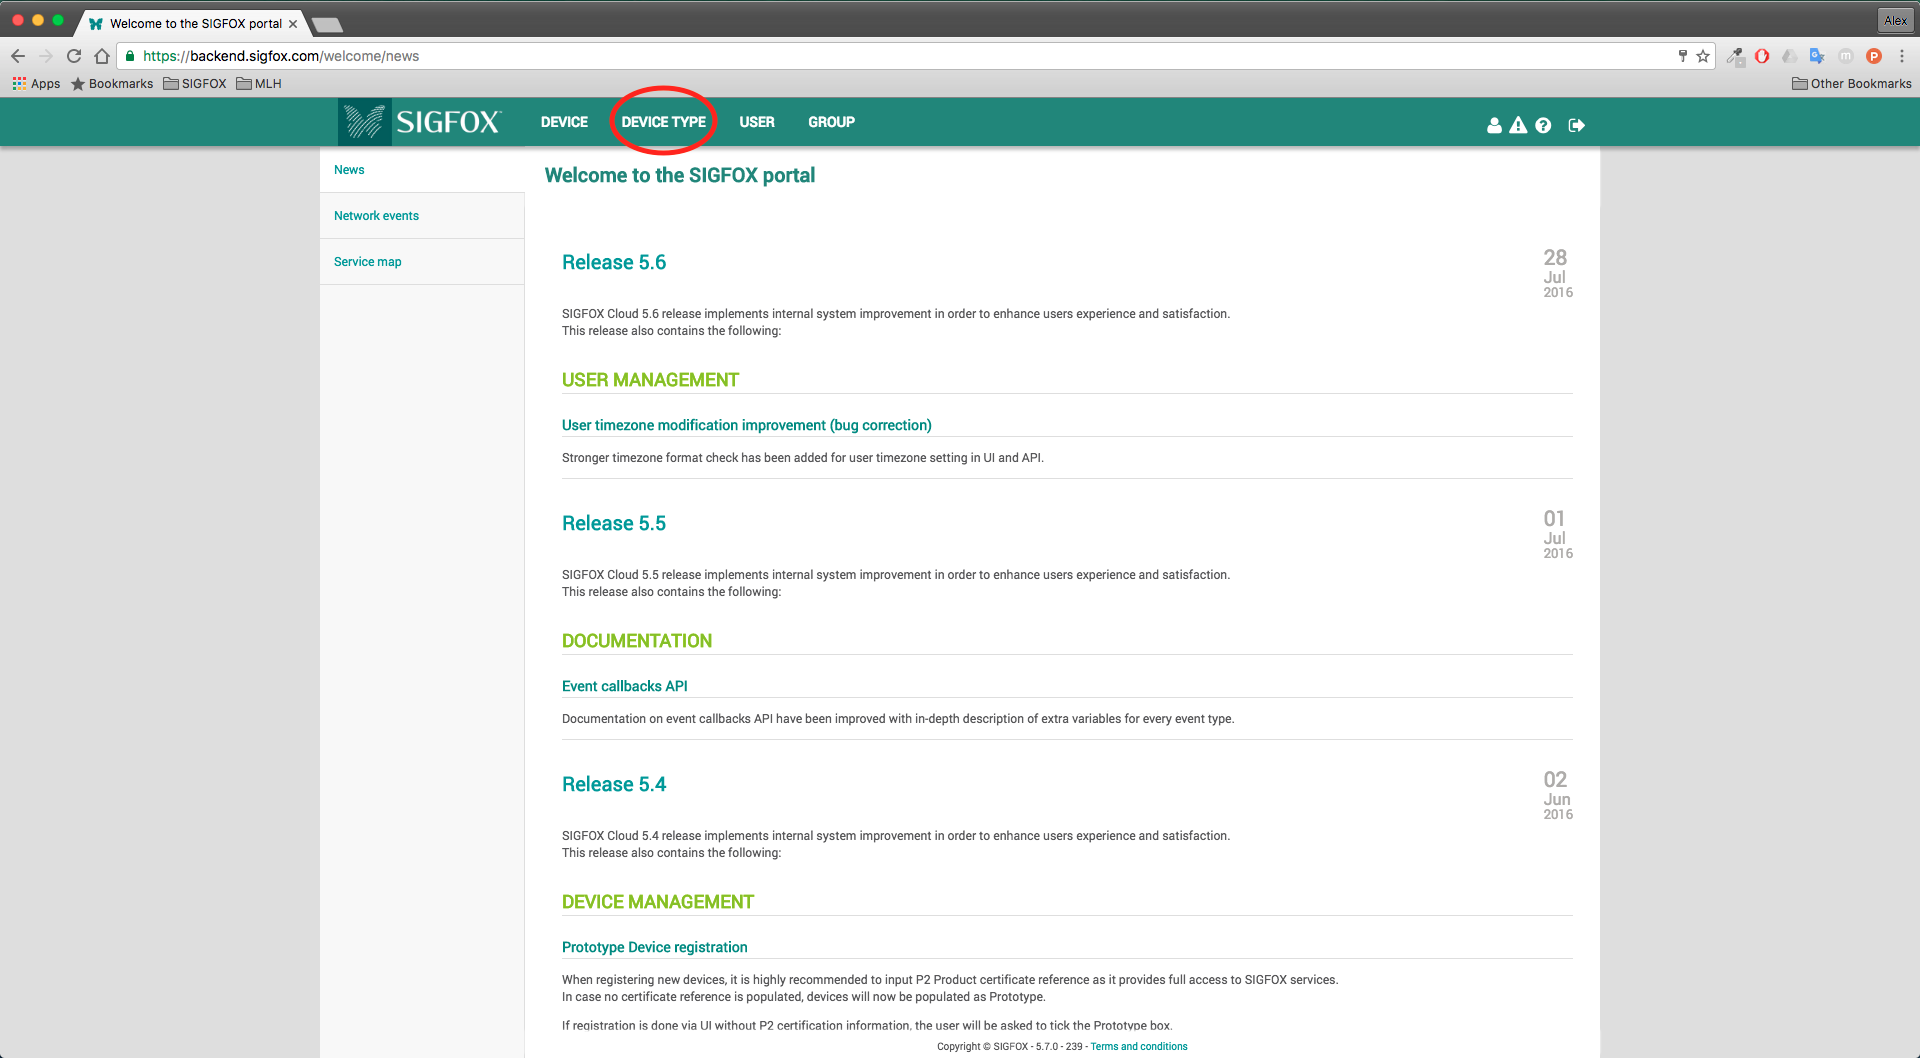 GitHub - Bucknalla/sigfox-python-flask: Example of a quick